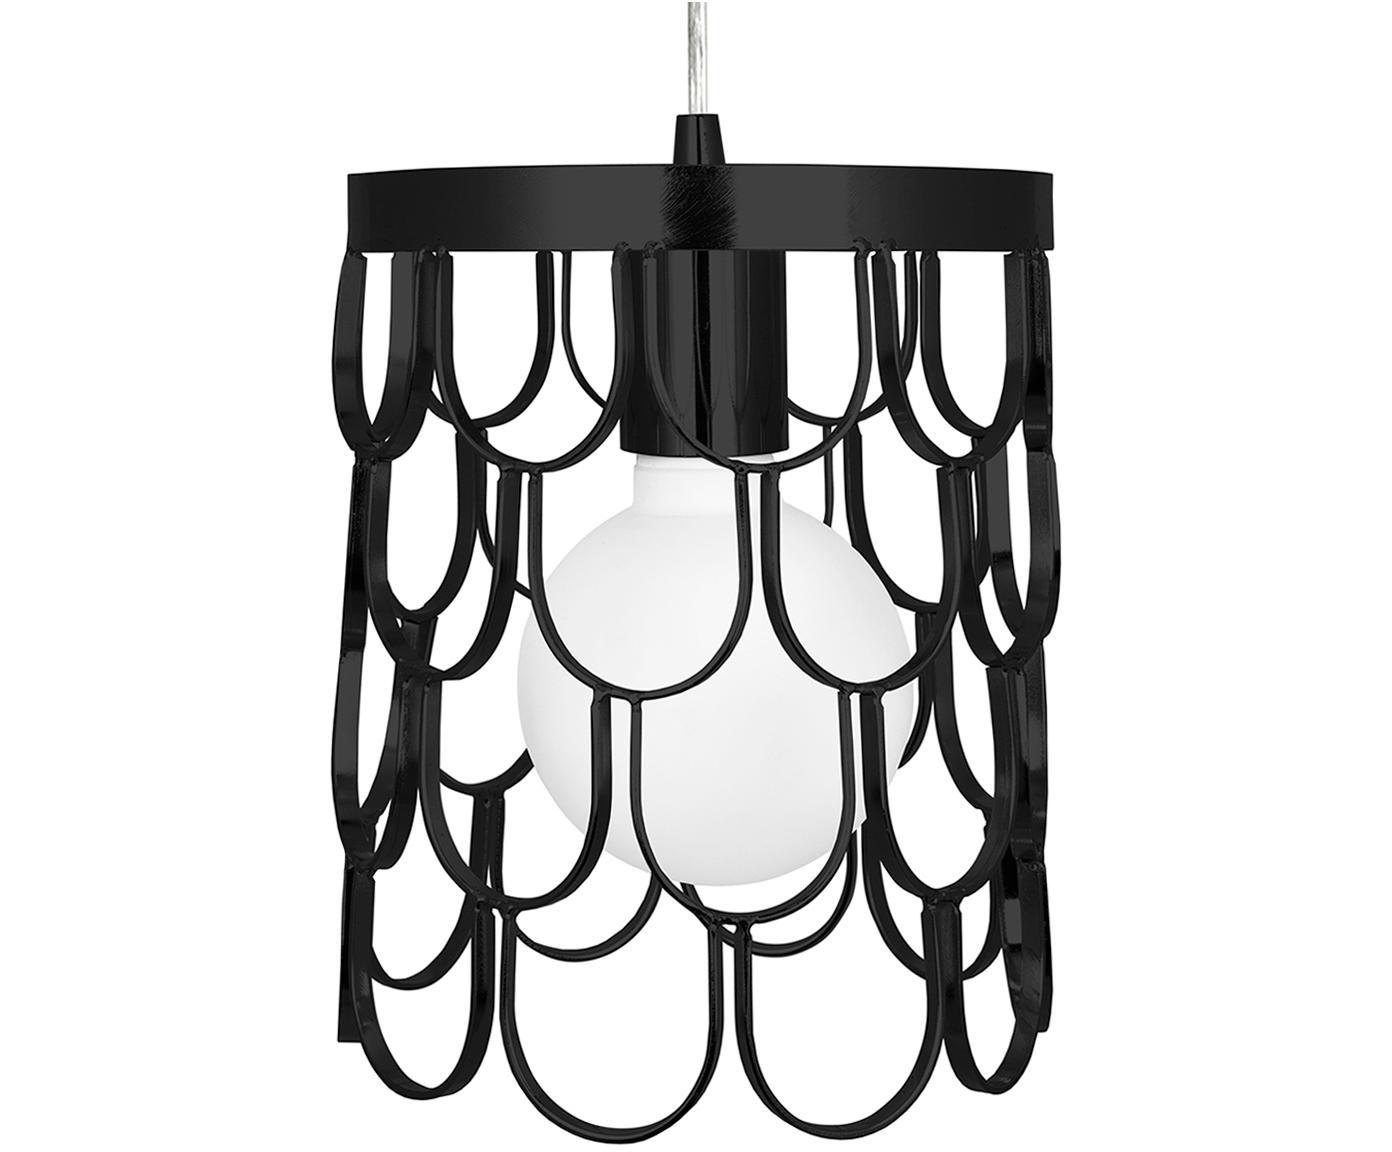 Kleine Design-Pendelleuchte Gatsby, Schwarz, Ø 18 x H 22 cm